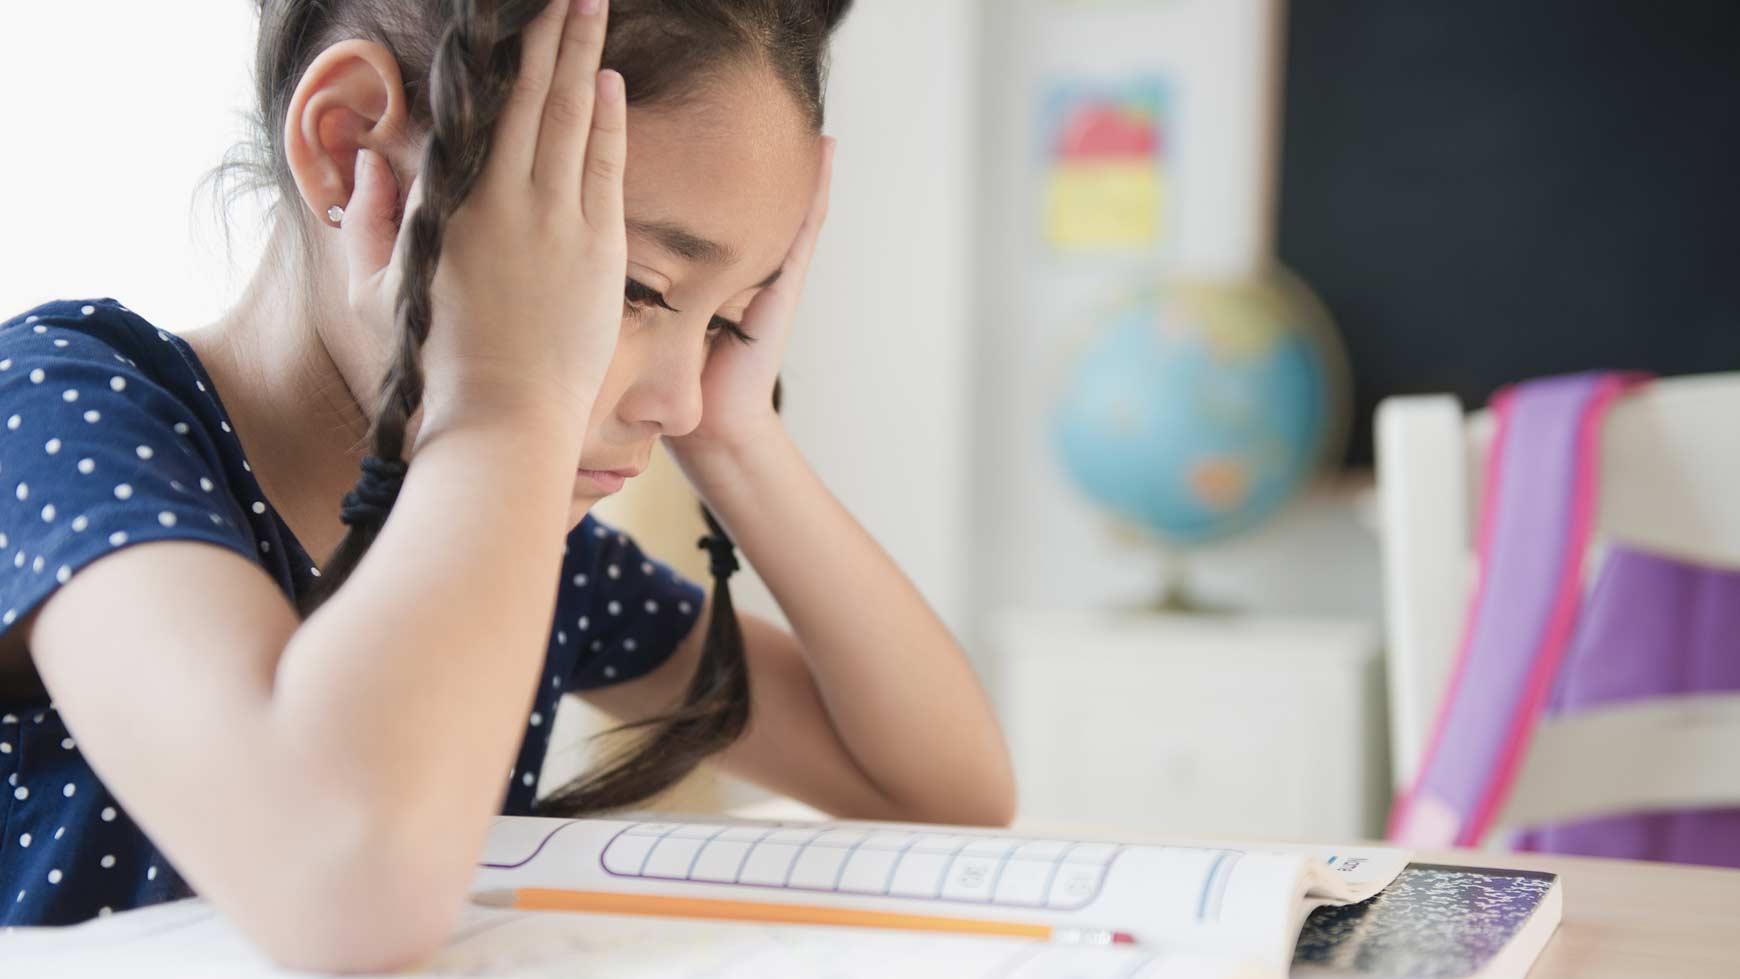 Manfaat Terbesar dari Jasa Konseling untuk Anak Usia Dini